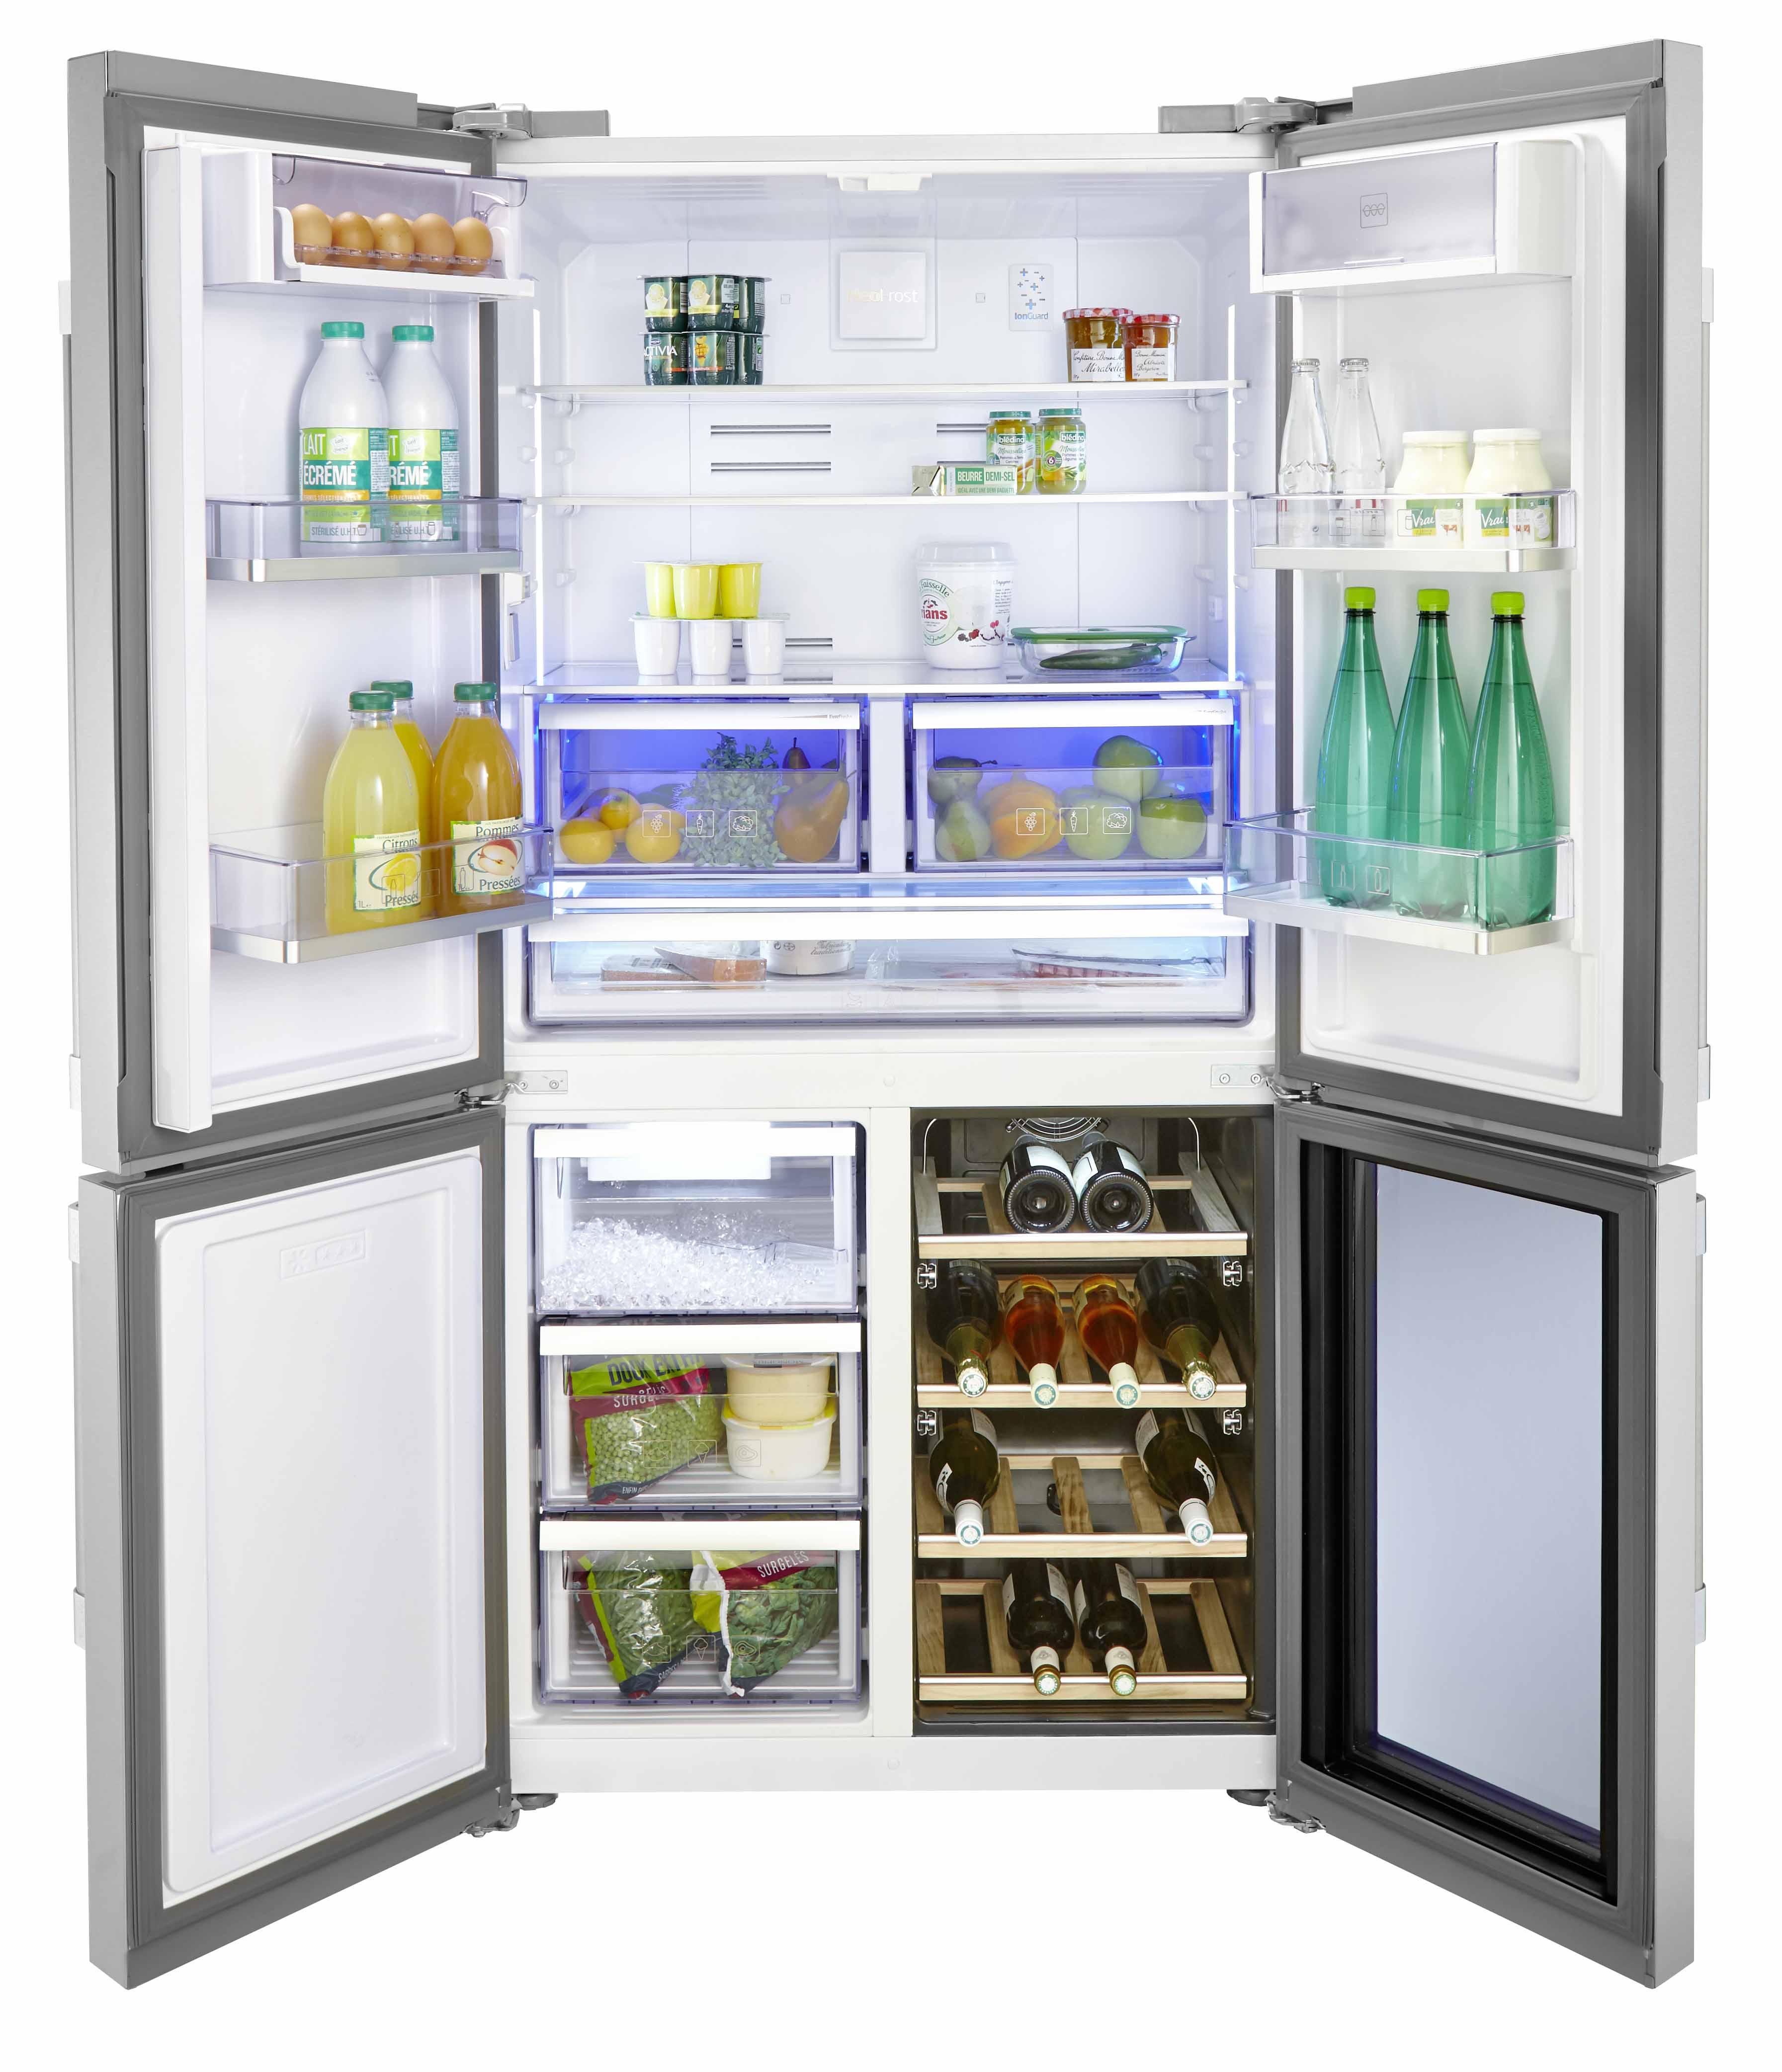 panne réfrigérateur : SAV ou changer pour un nouveau ?